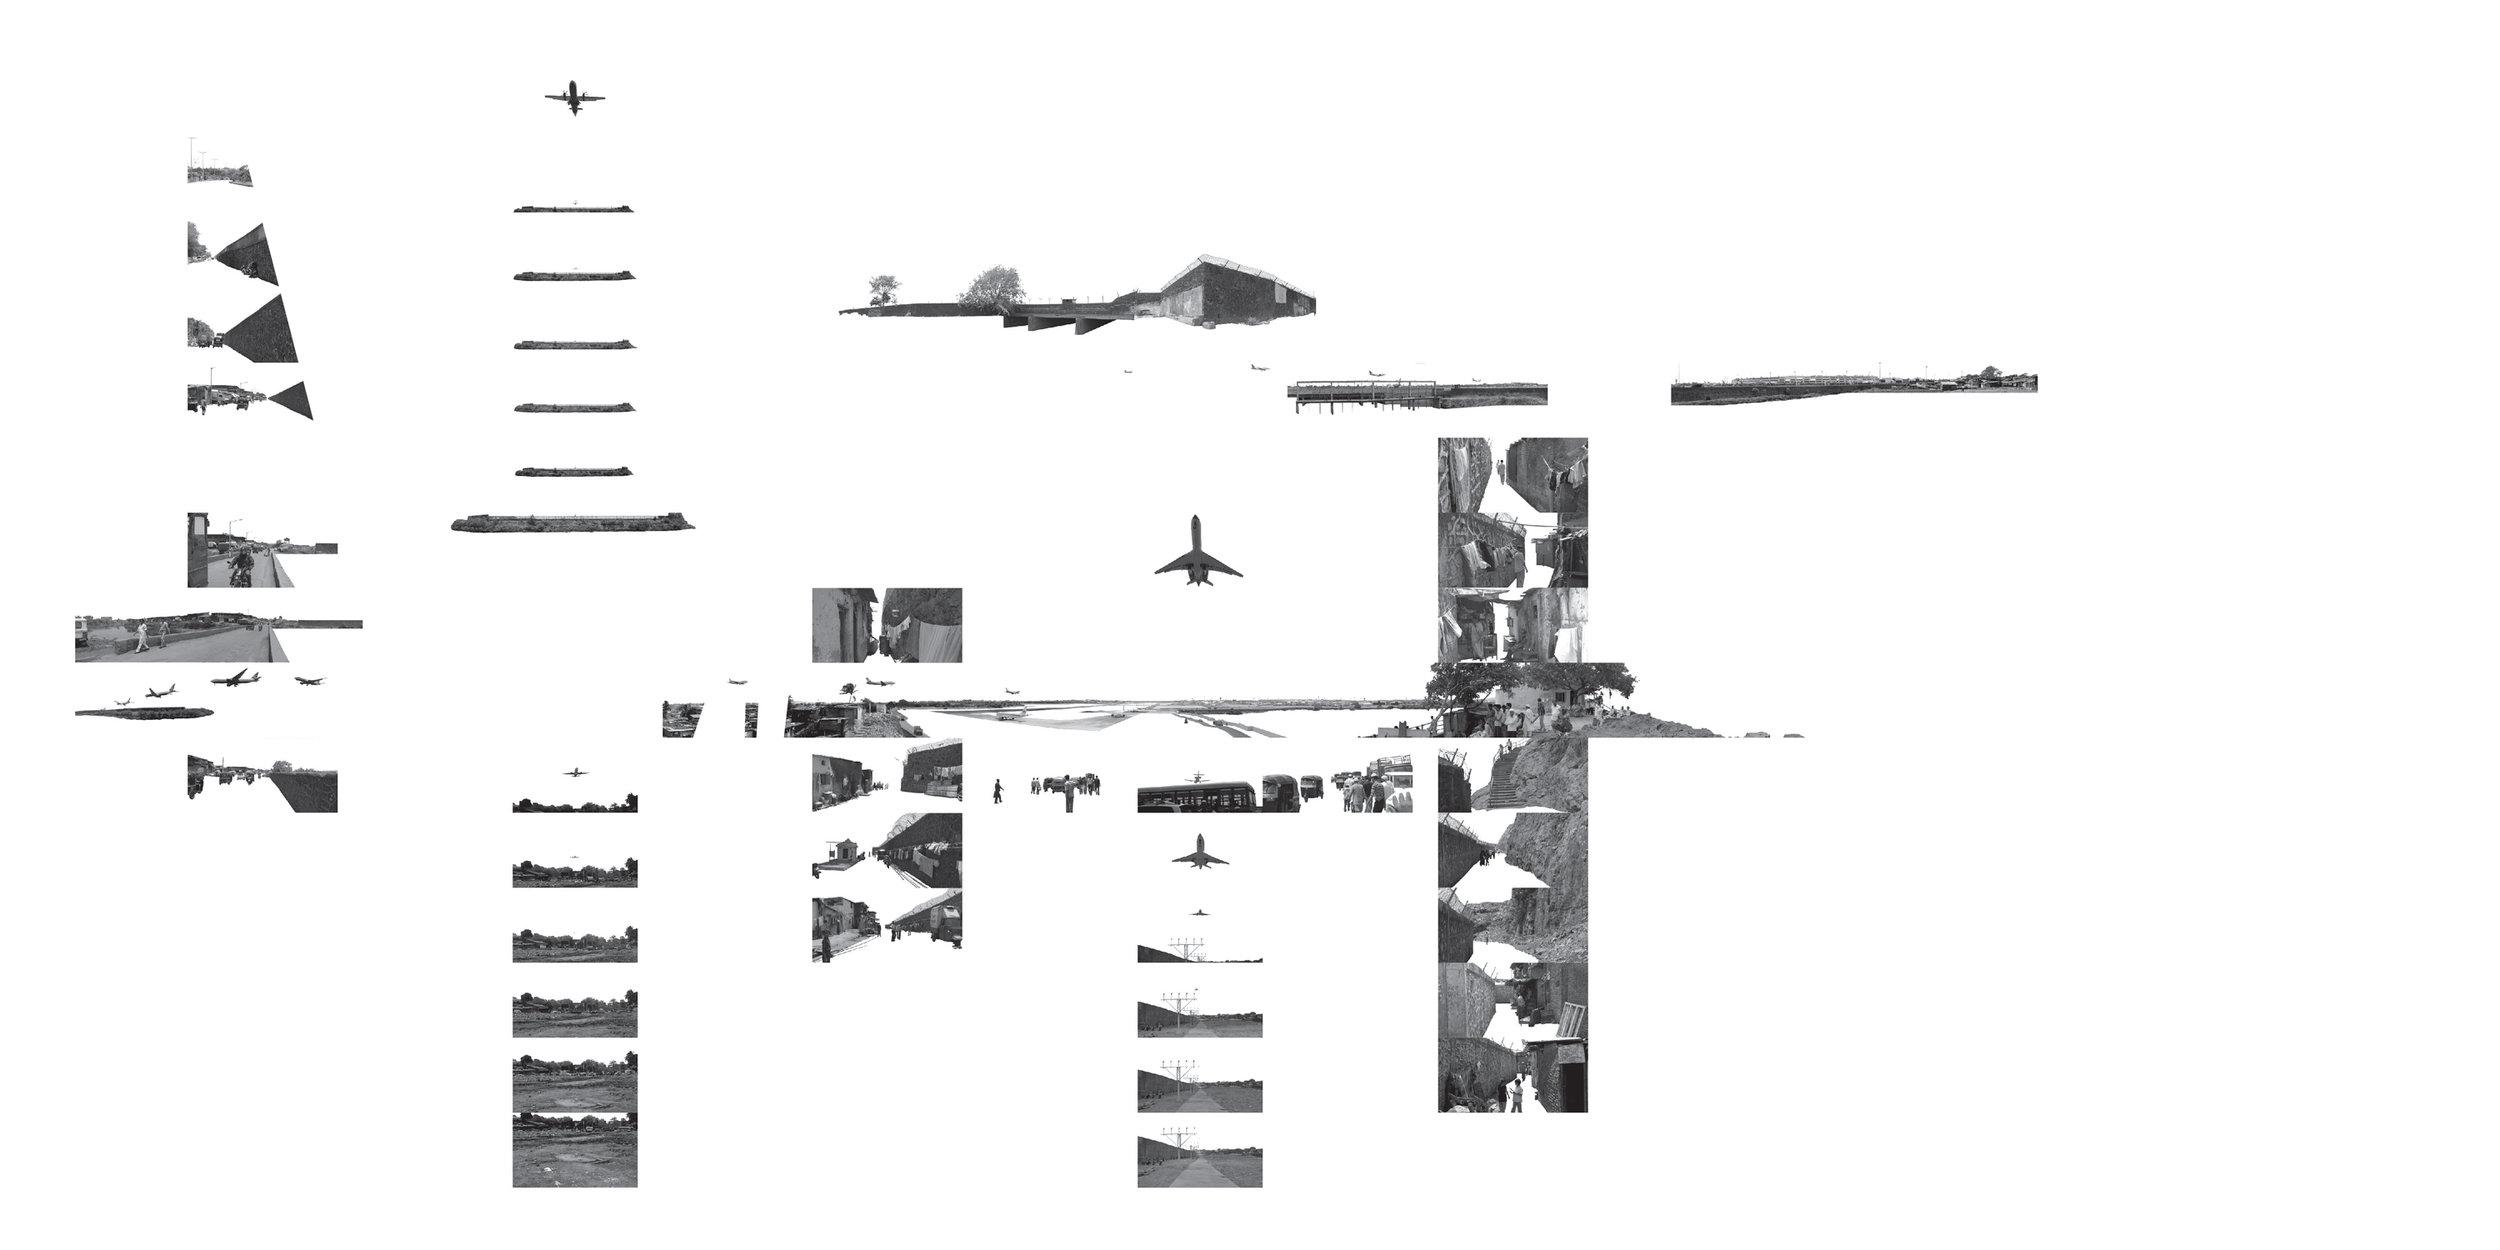 13_airport-crossing-diagram-photowork_1e.jpg